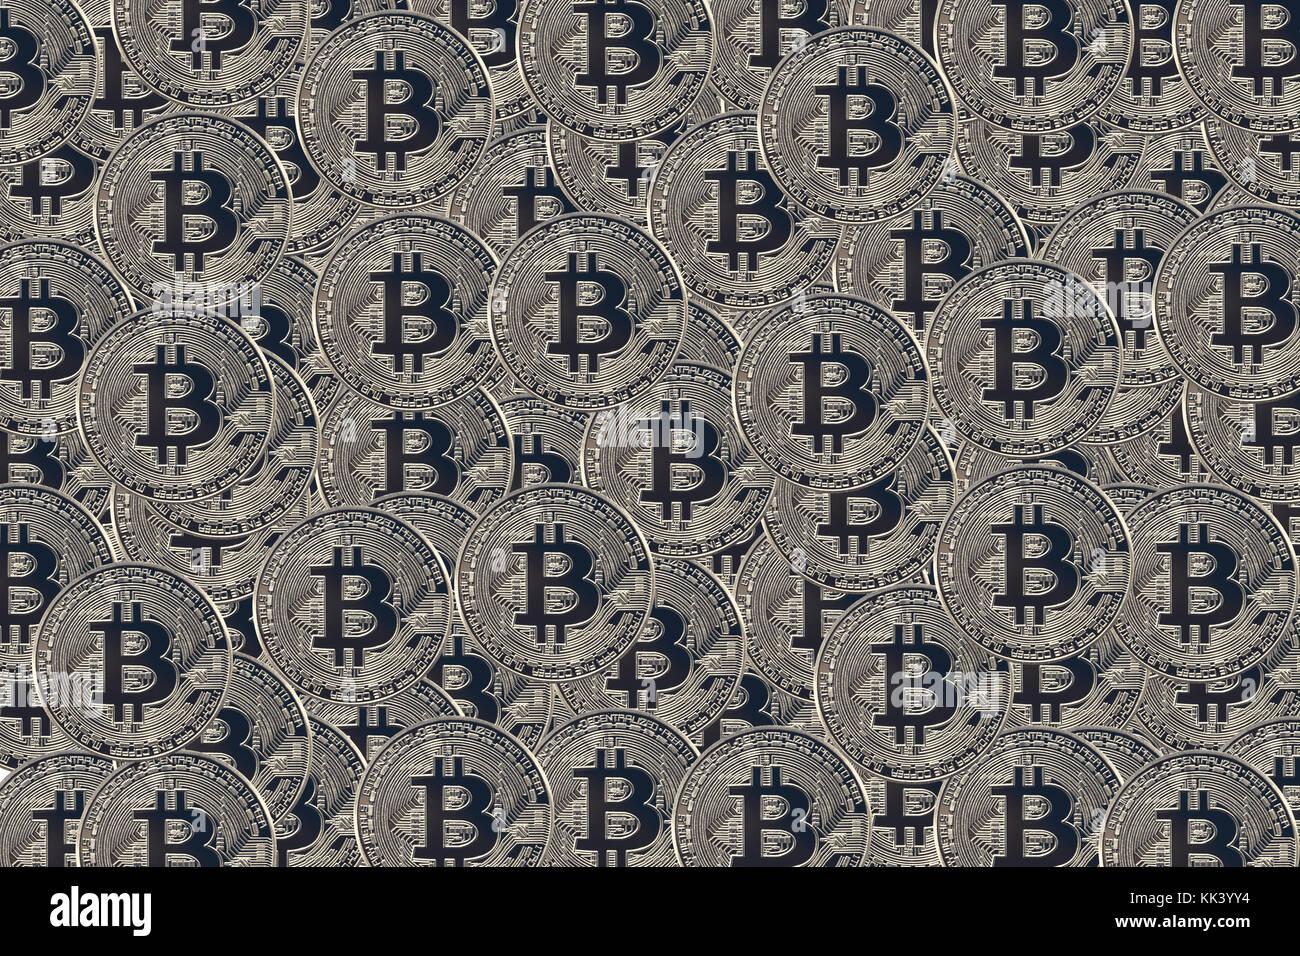 Bitcoin Symbolphoto Stock Photo